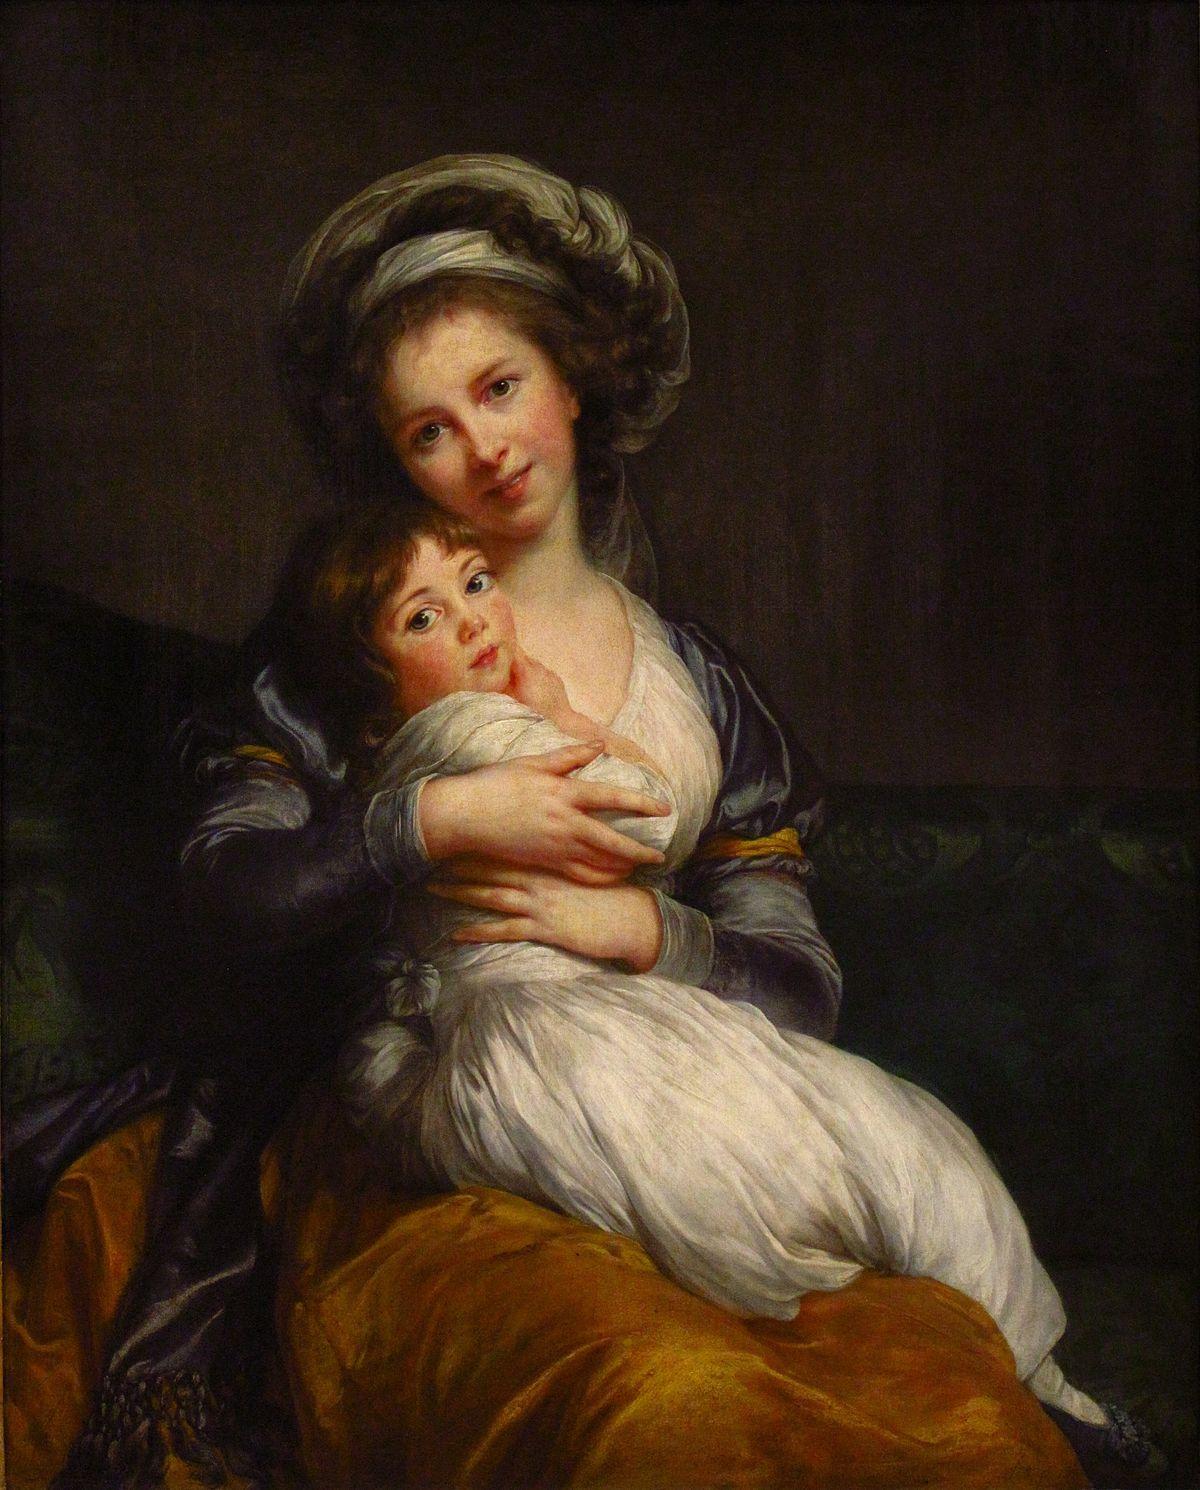 Autorretrato de Marie Louise Élisabeth Vigée-Le Brun com Sua Filha', 1786, no Museu do Louvre, em Paris.